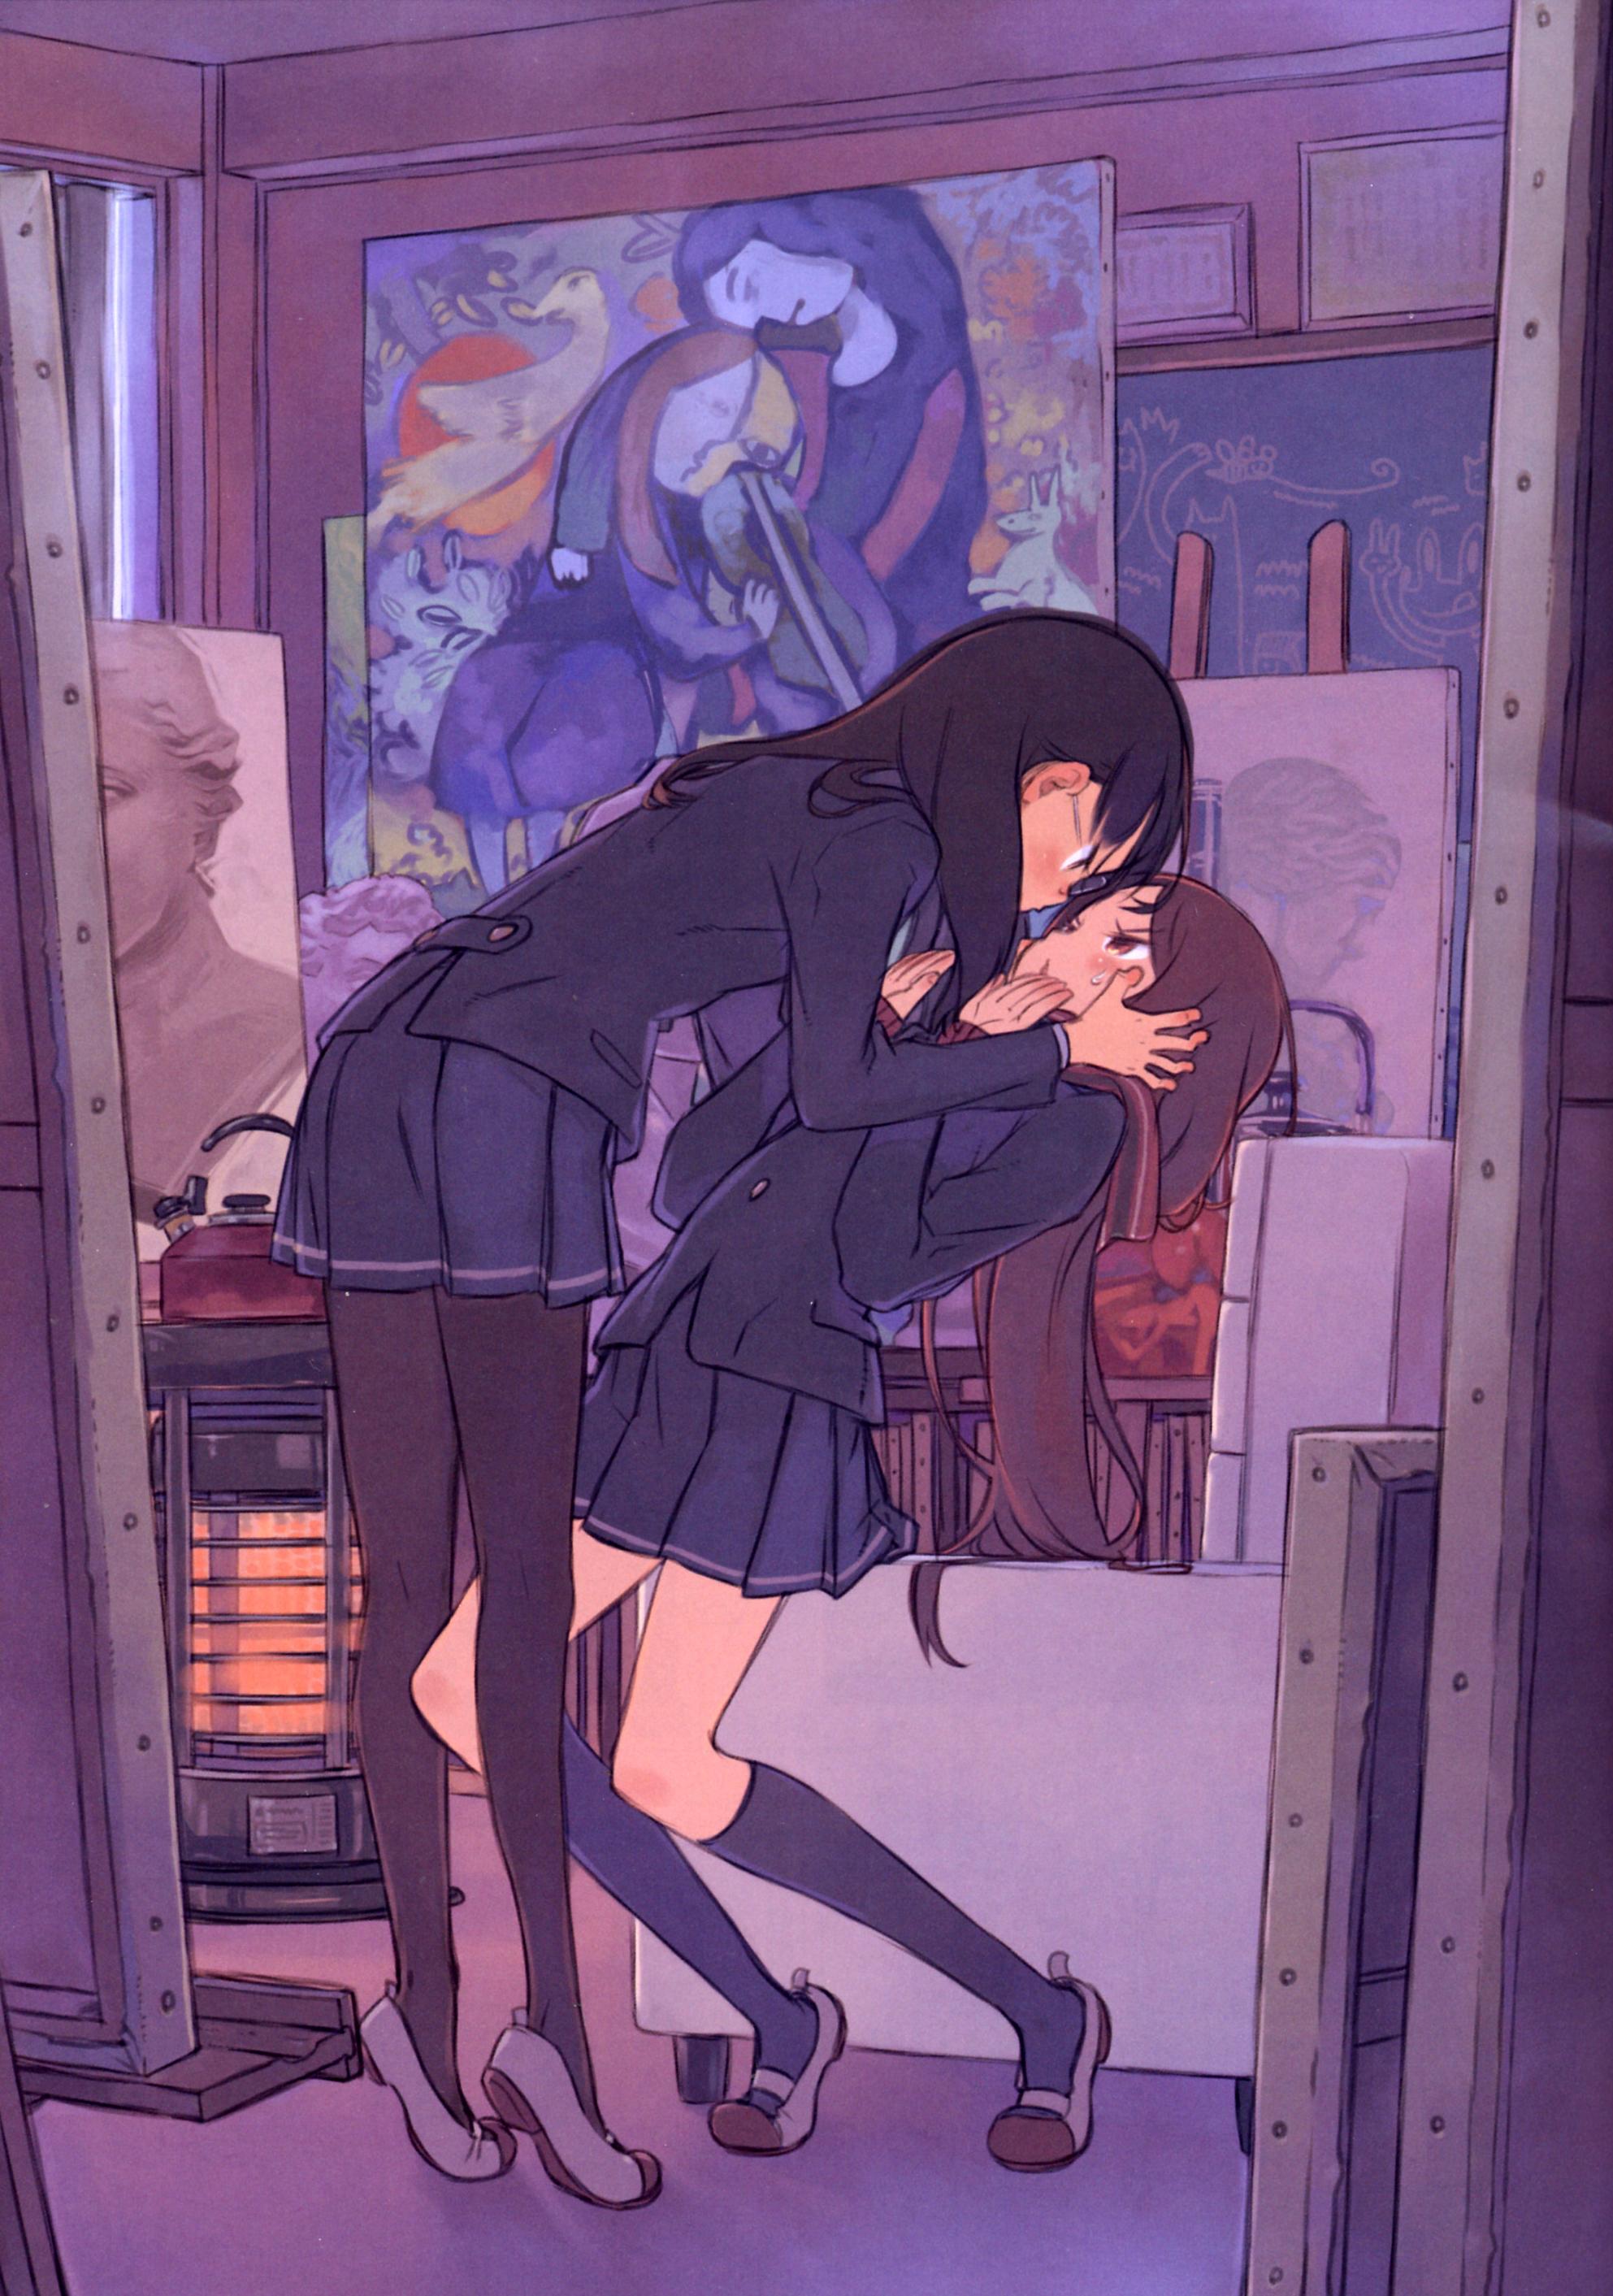 Manga romance age gap dating 3